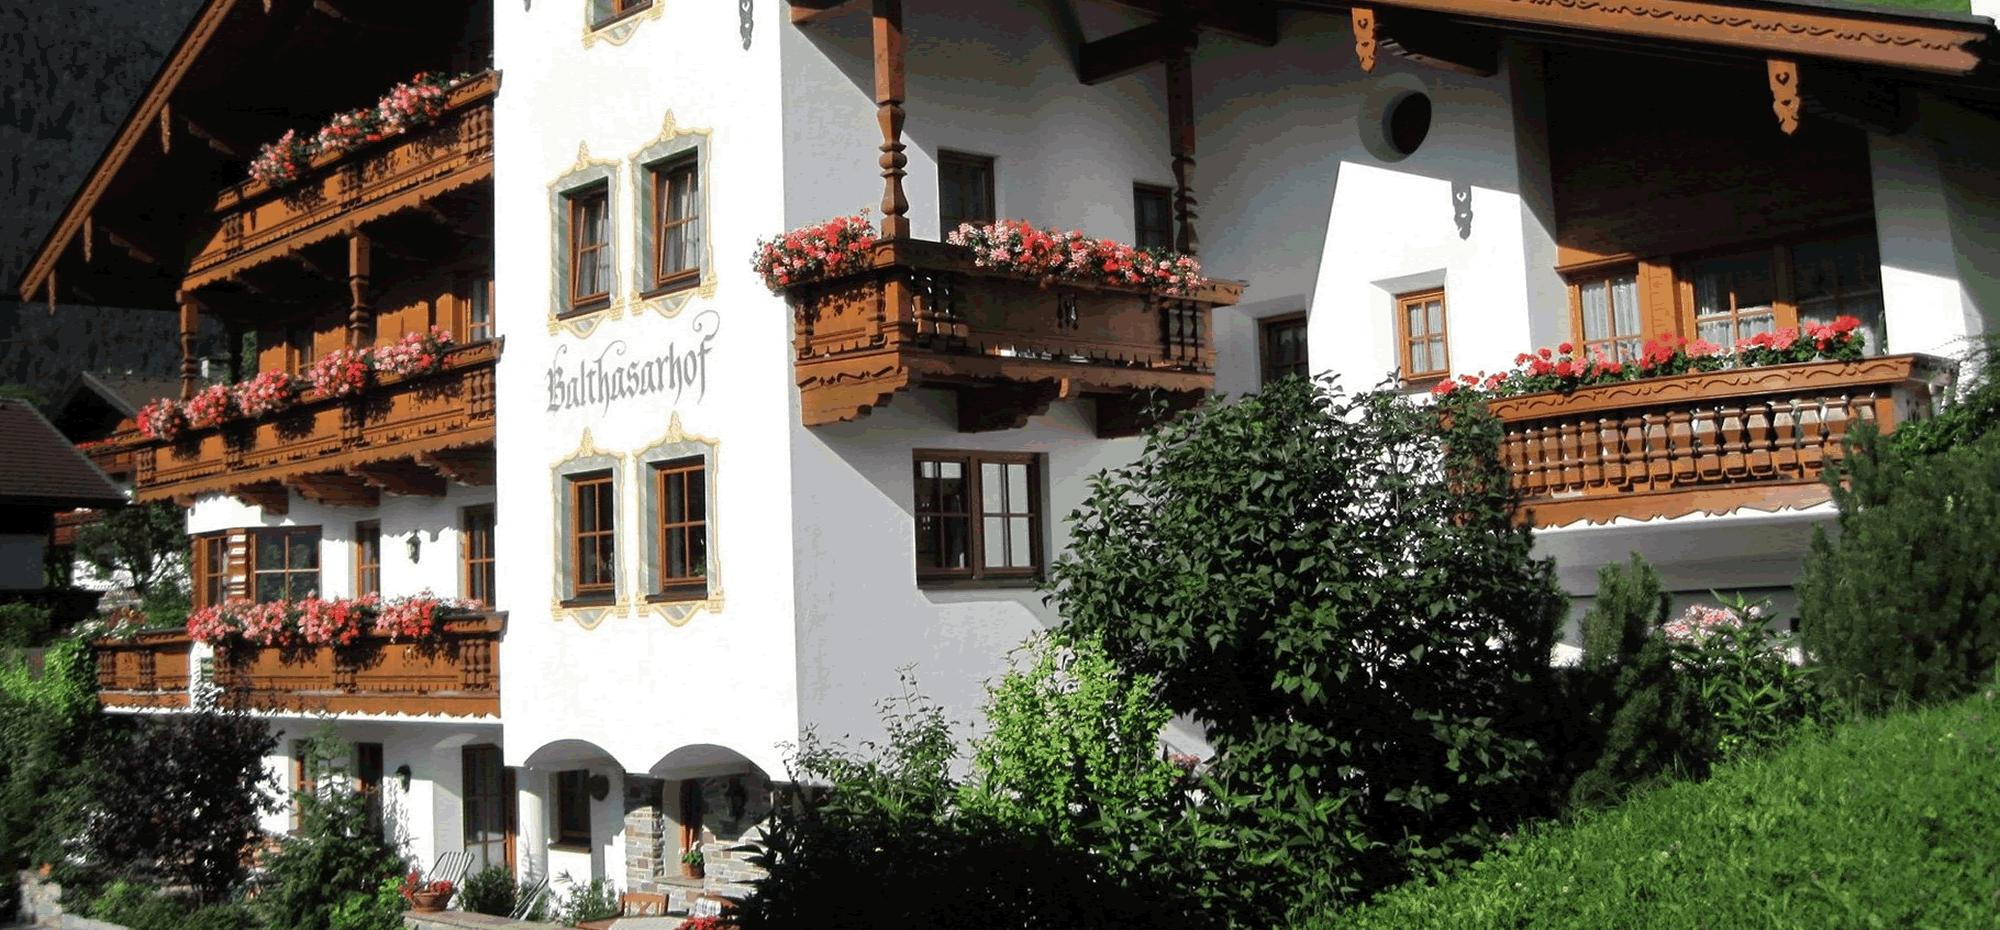 Balthasarhof